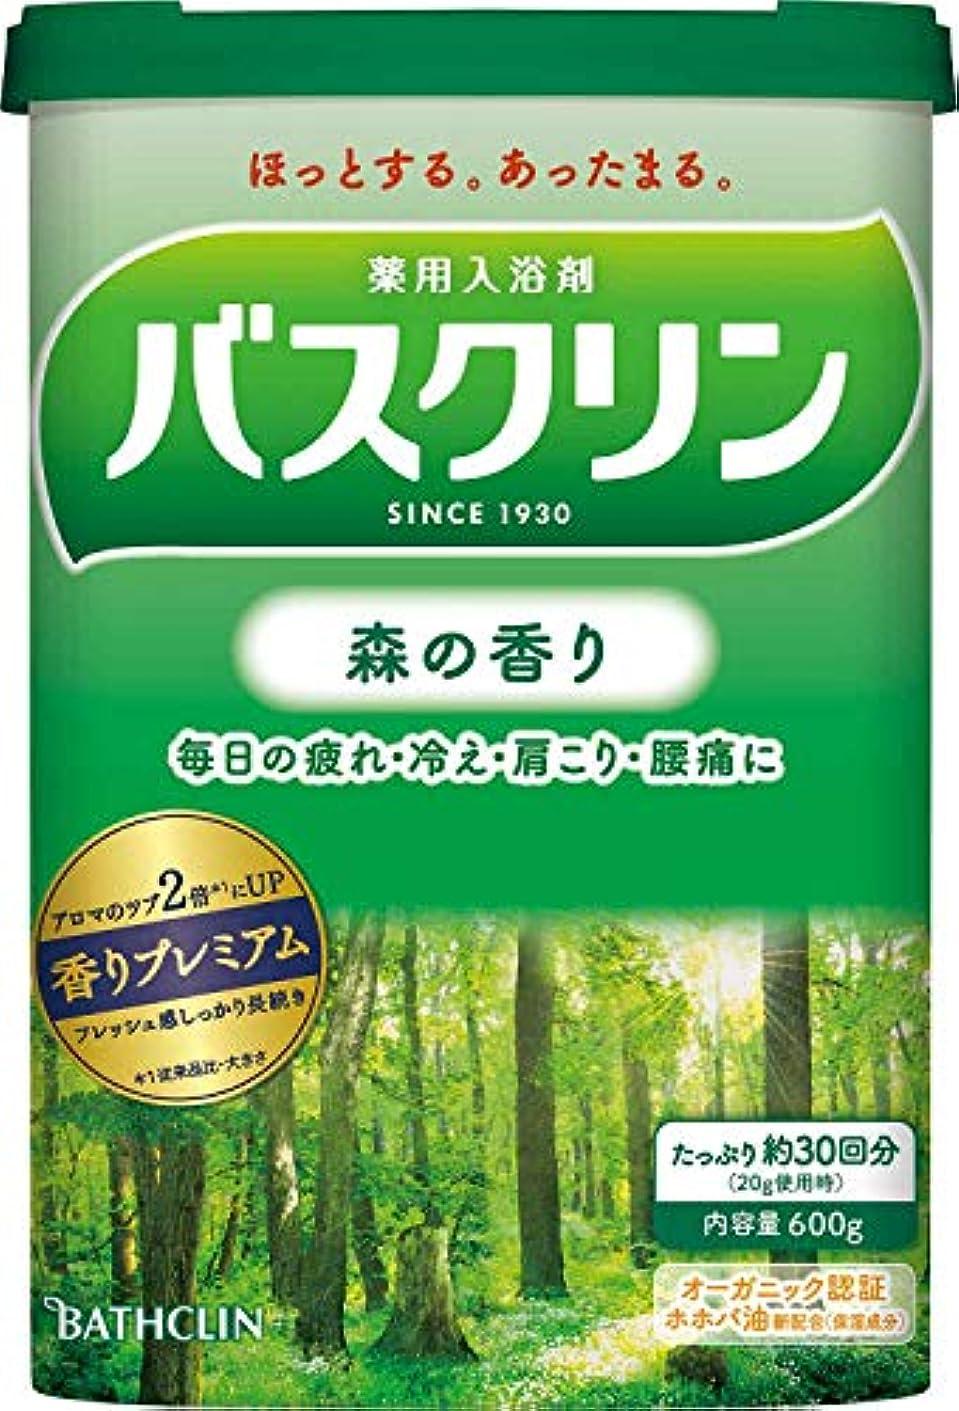 精査するアプライアンス名目上の【医薬部外品】バスクリン入浴剤 森の香り600g入浴剤(約30回分) 疲労回復